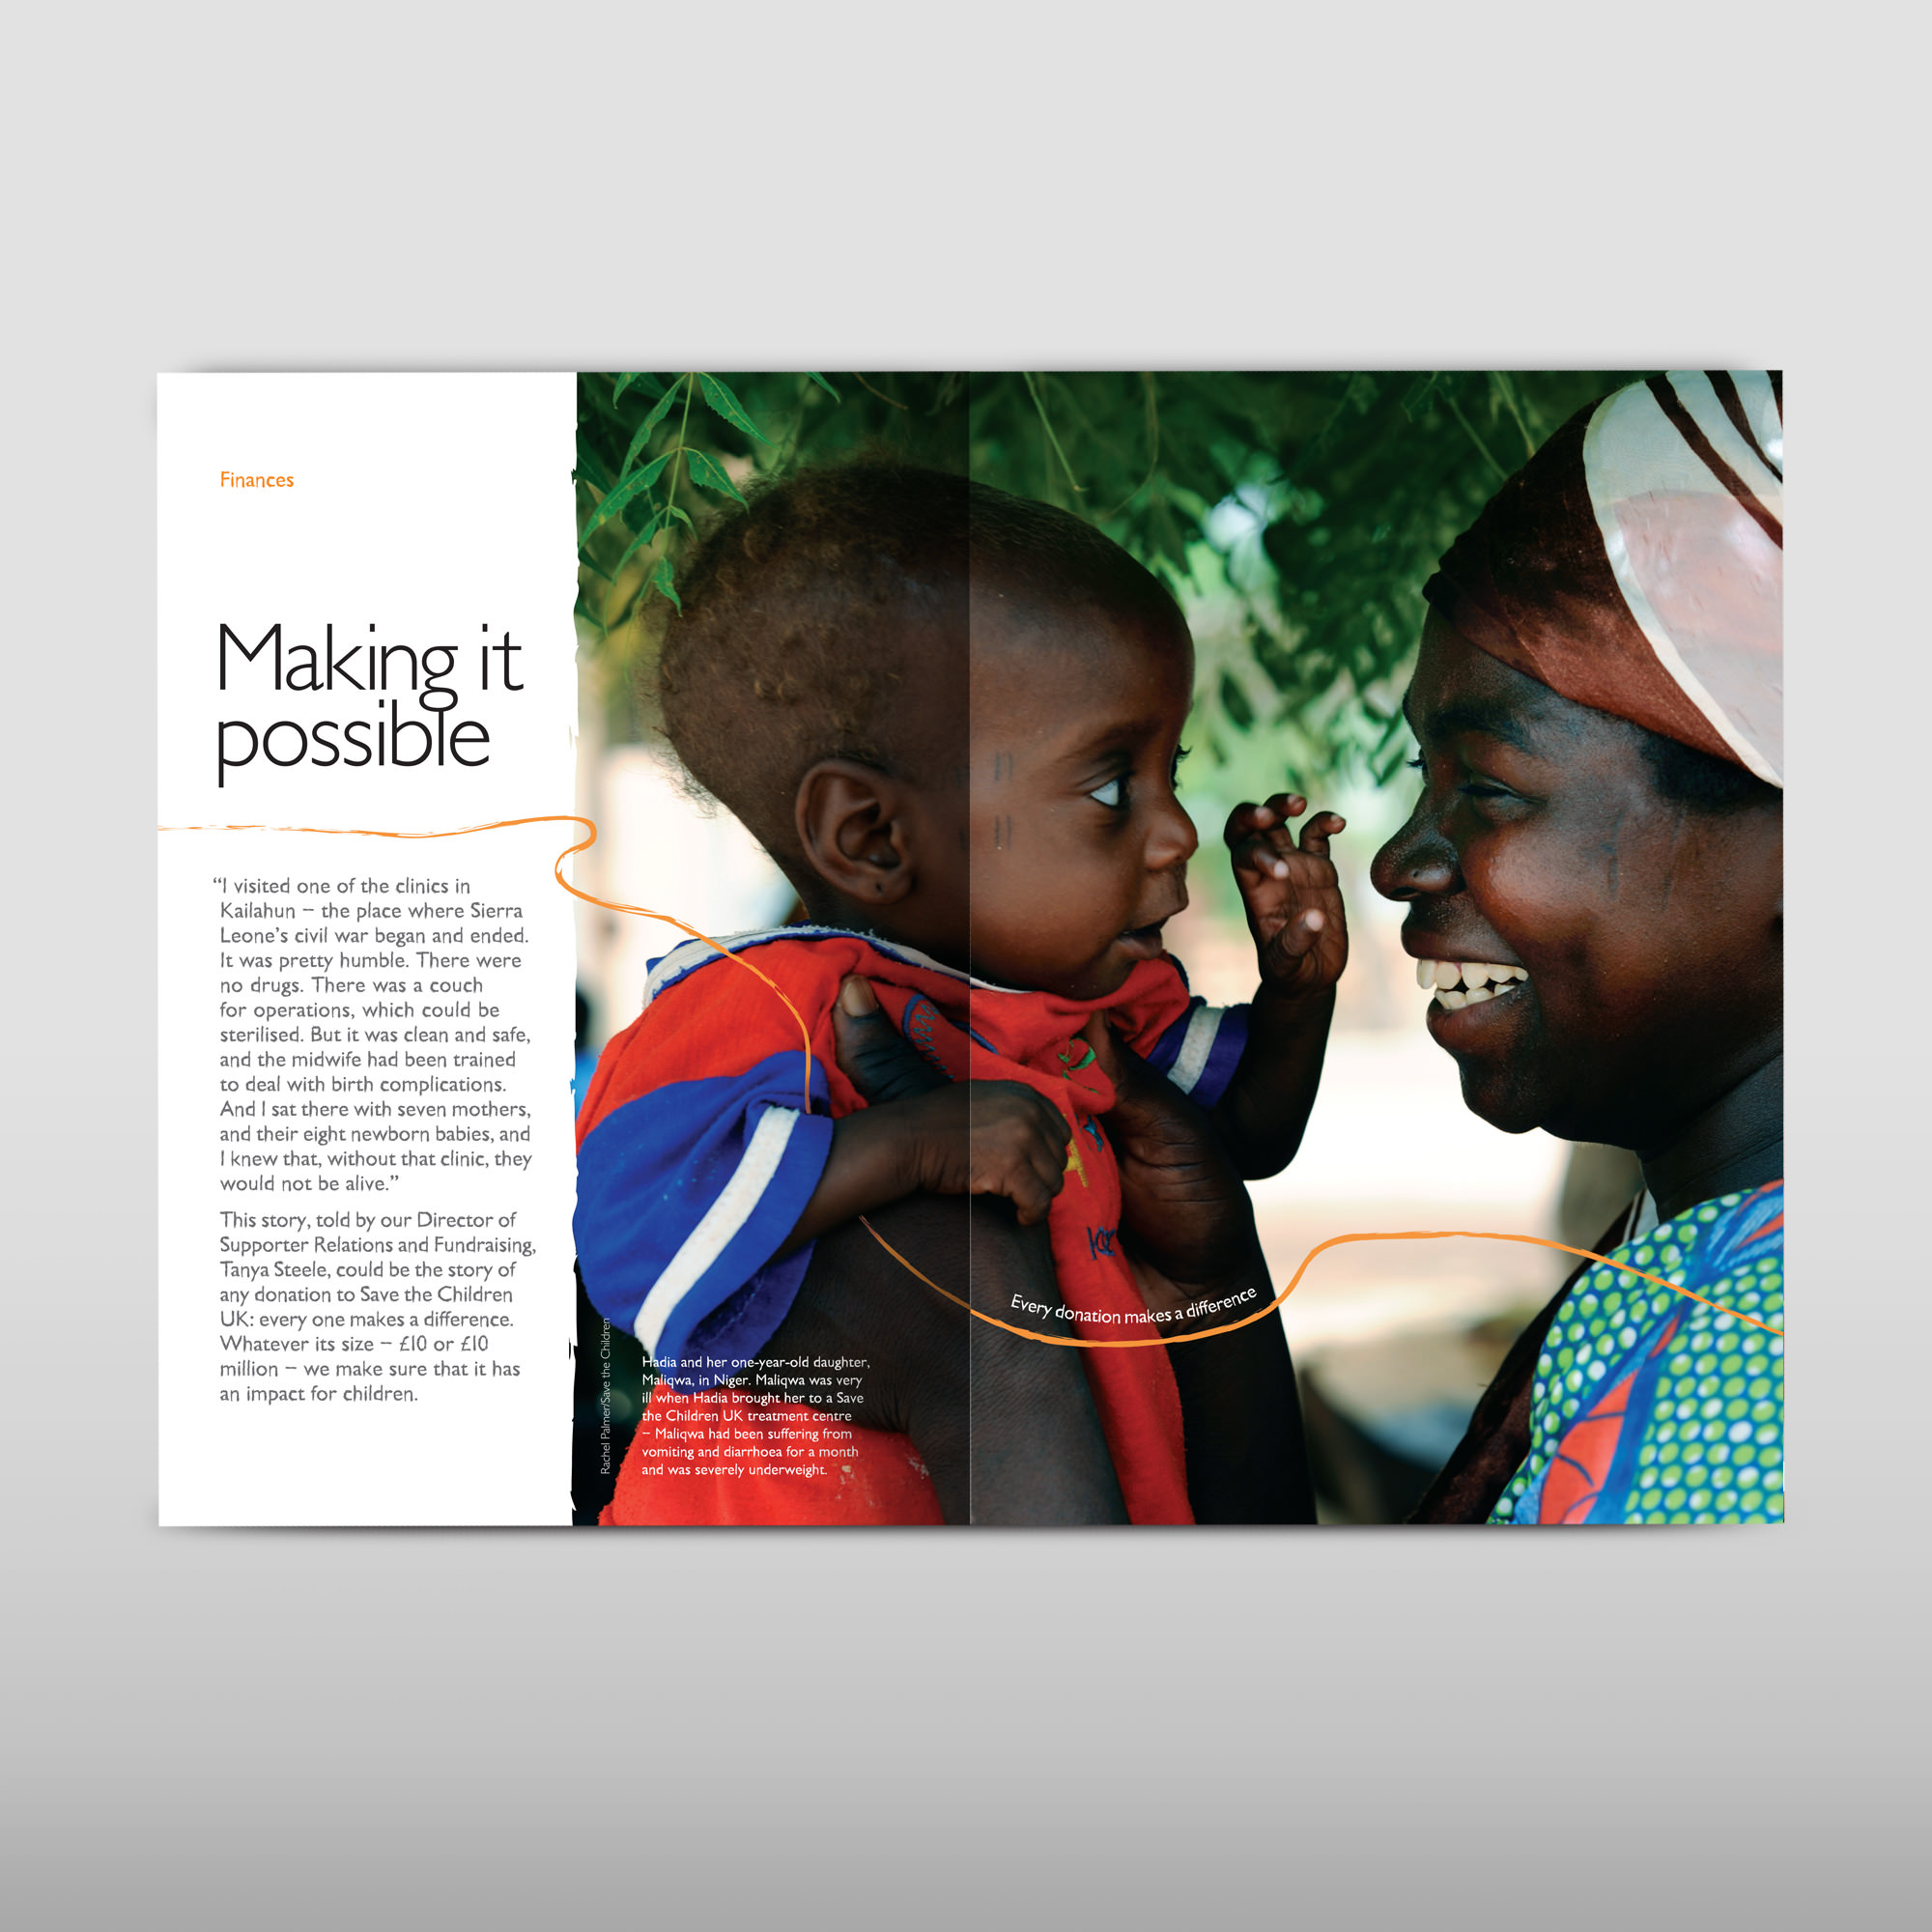 Annual report design, double page spread